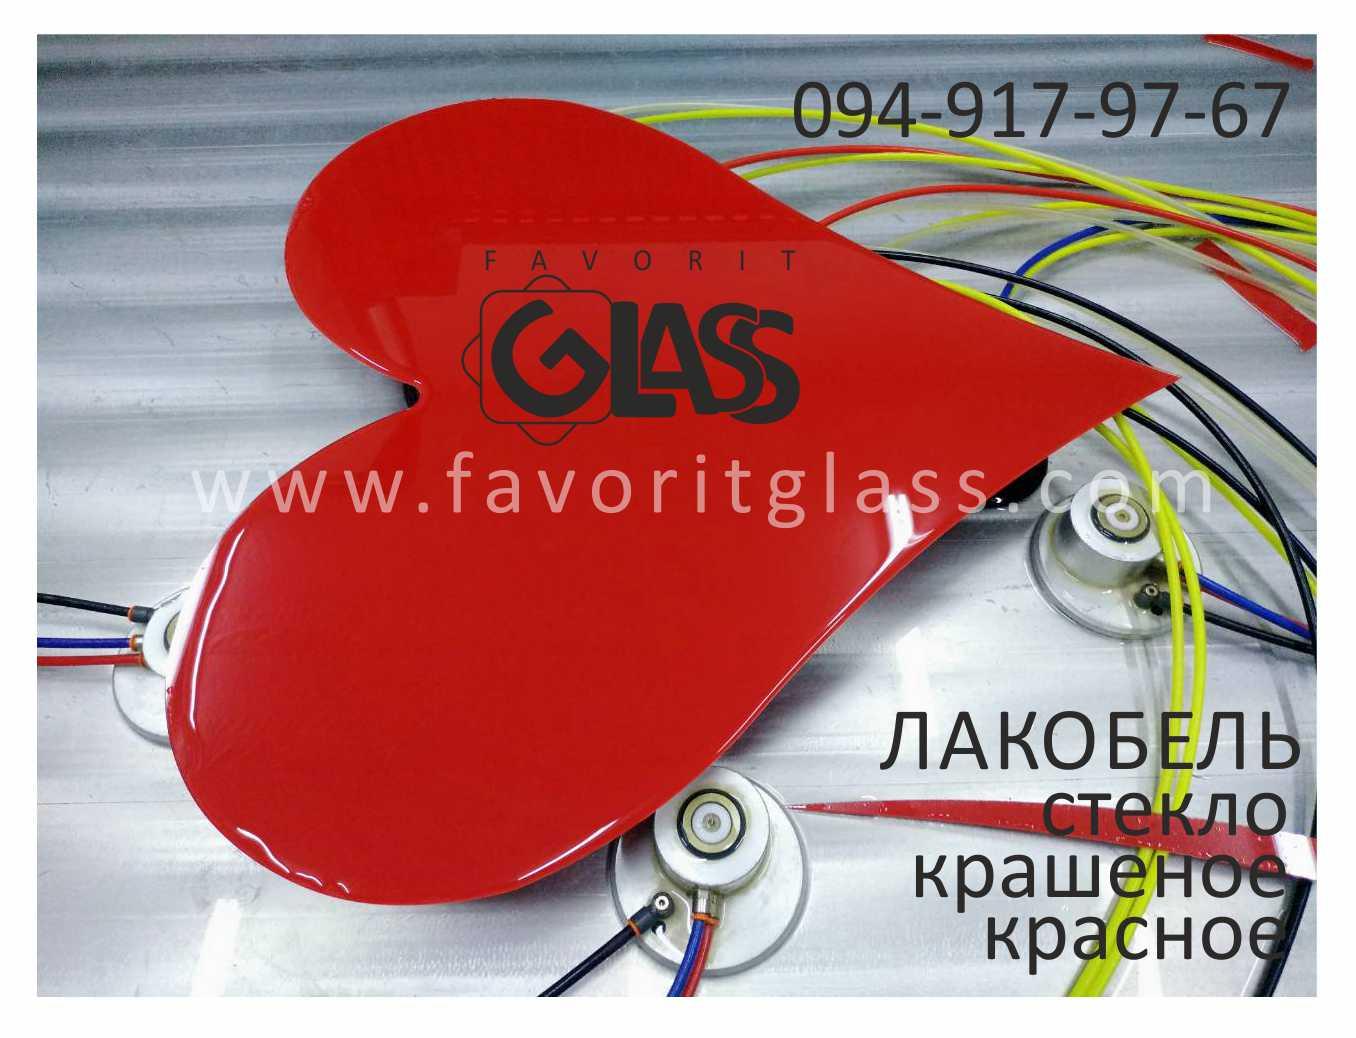 Сердце  из стекла.jpg